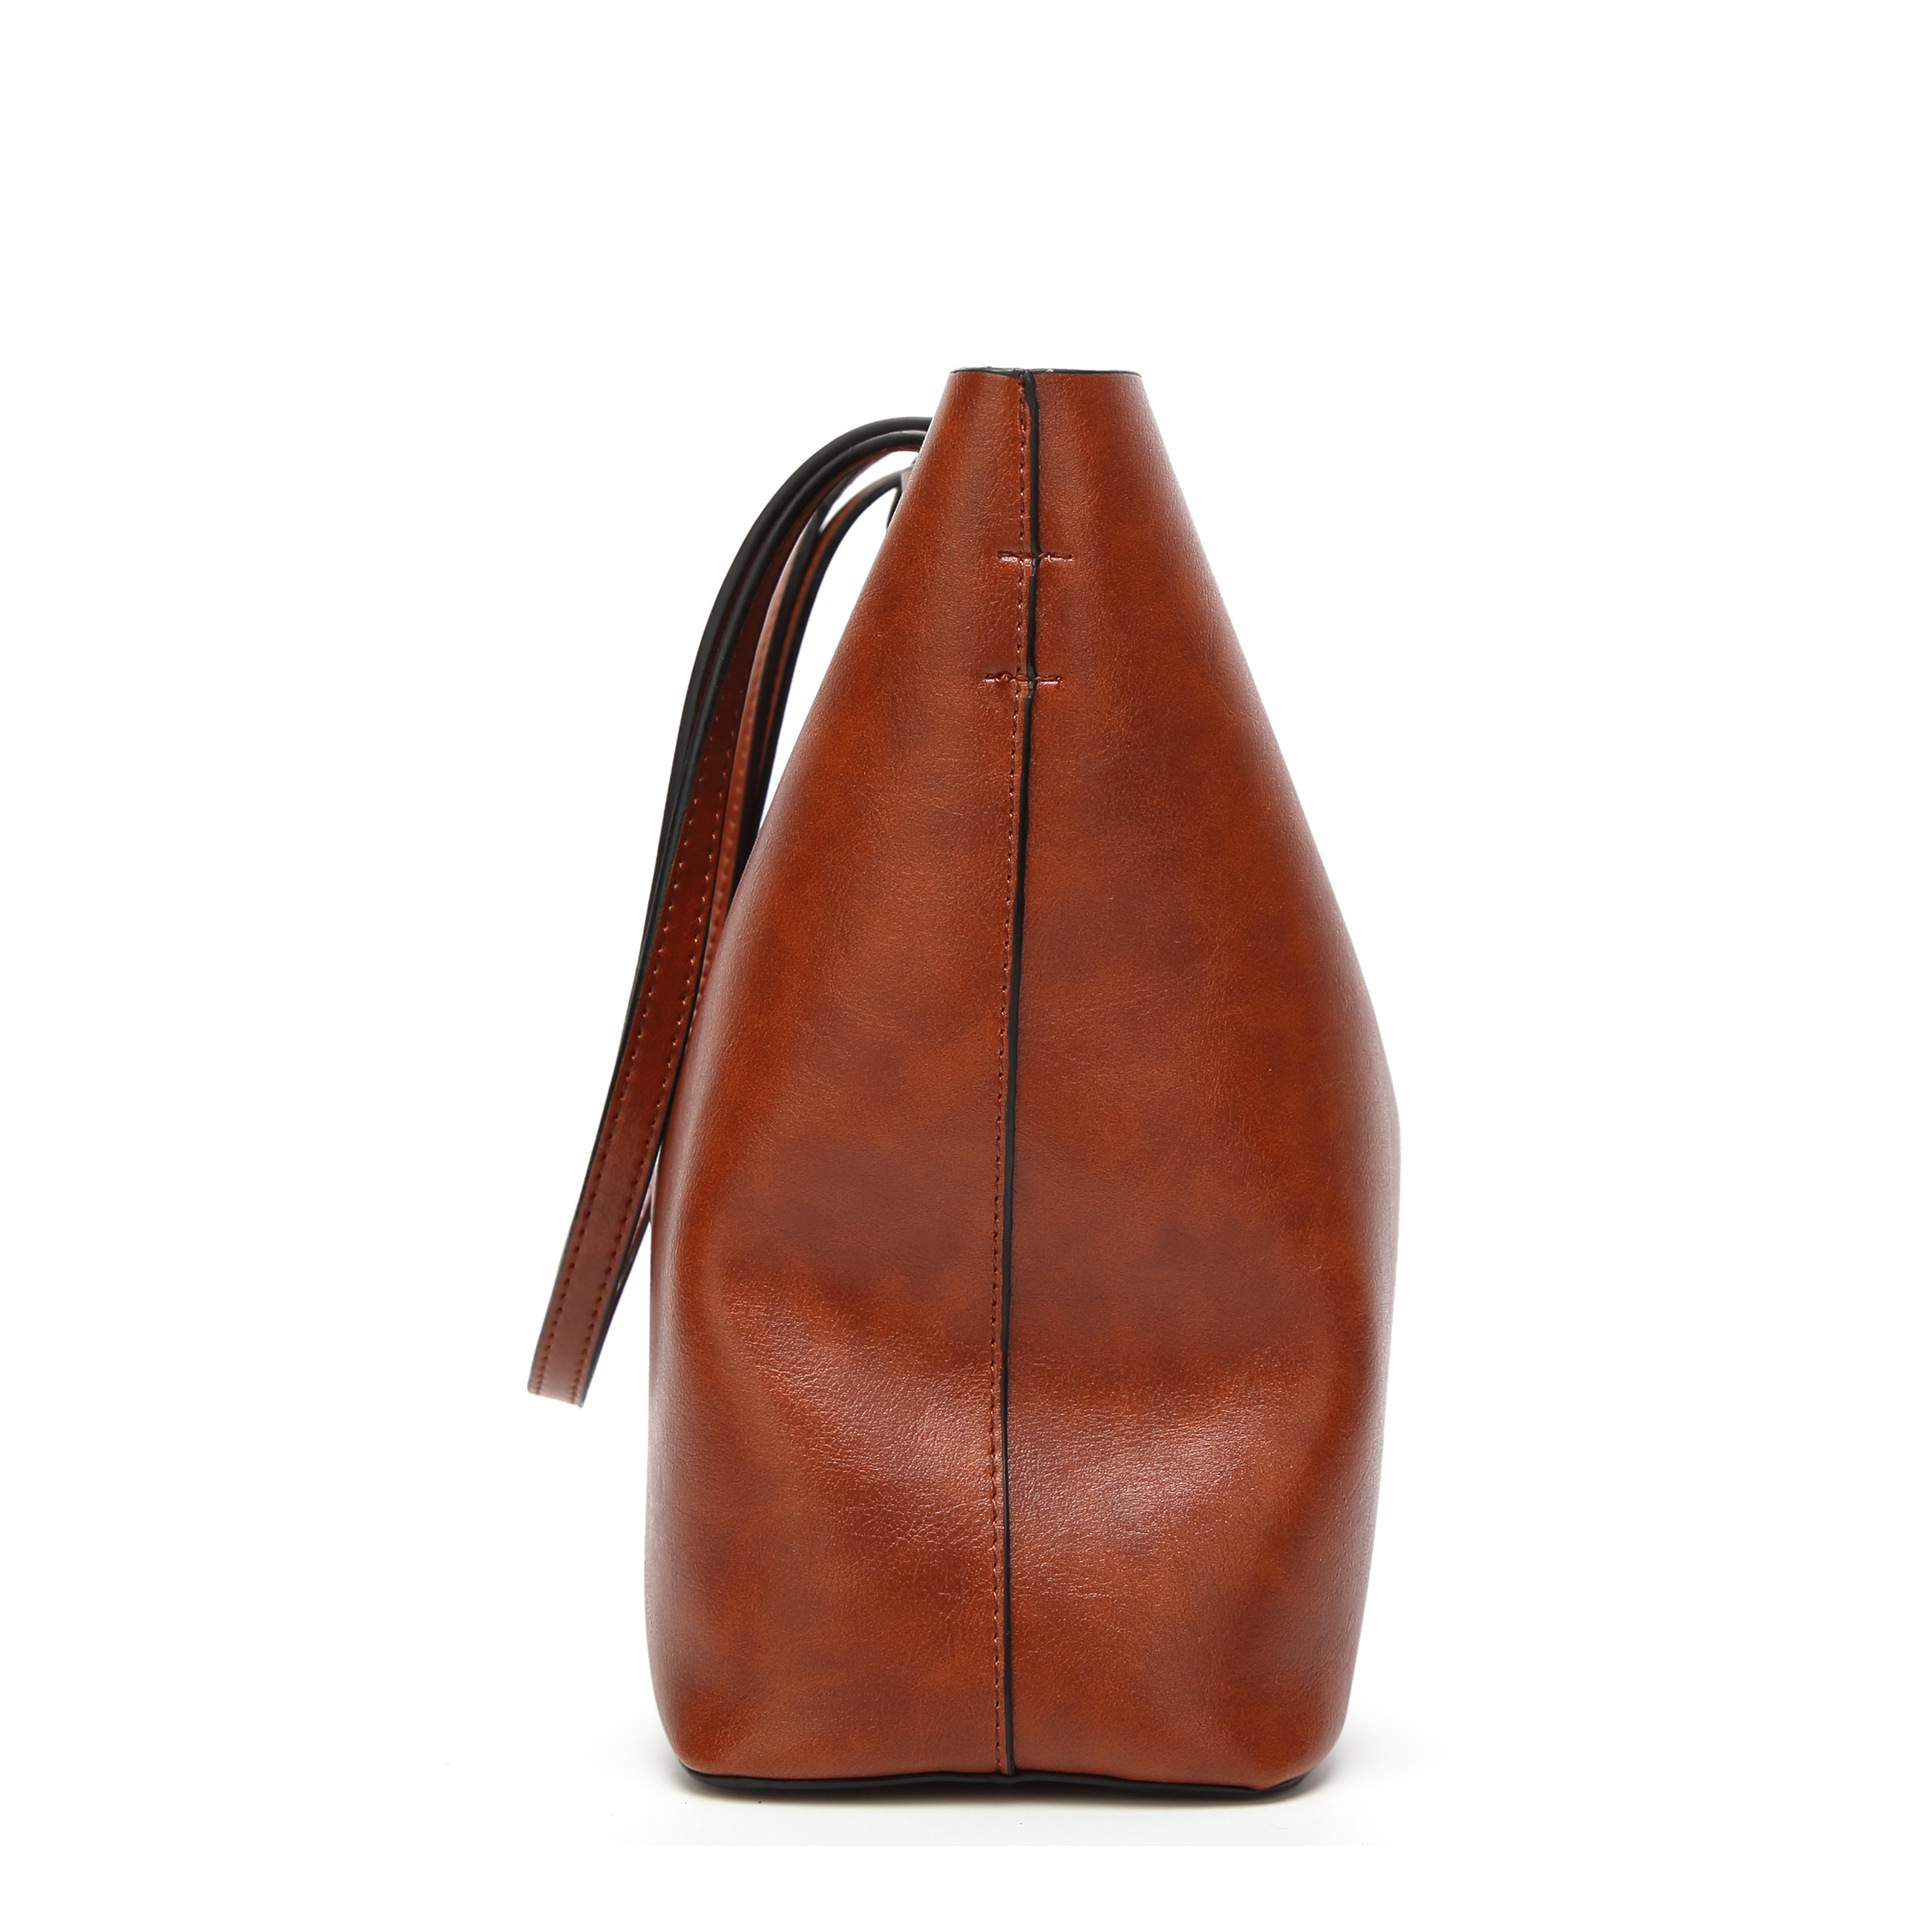 Image 3 - Сумка ведро из вощеной кожи, простая сумка через плечо с двойным ремешком для женщин 2018, универсальная сумка для шоппингаСумки с ручками   -